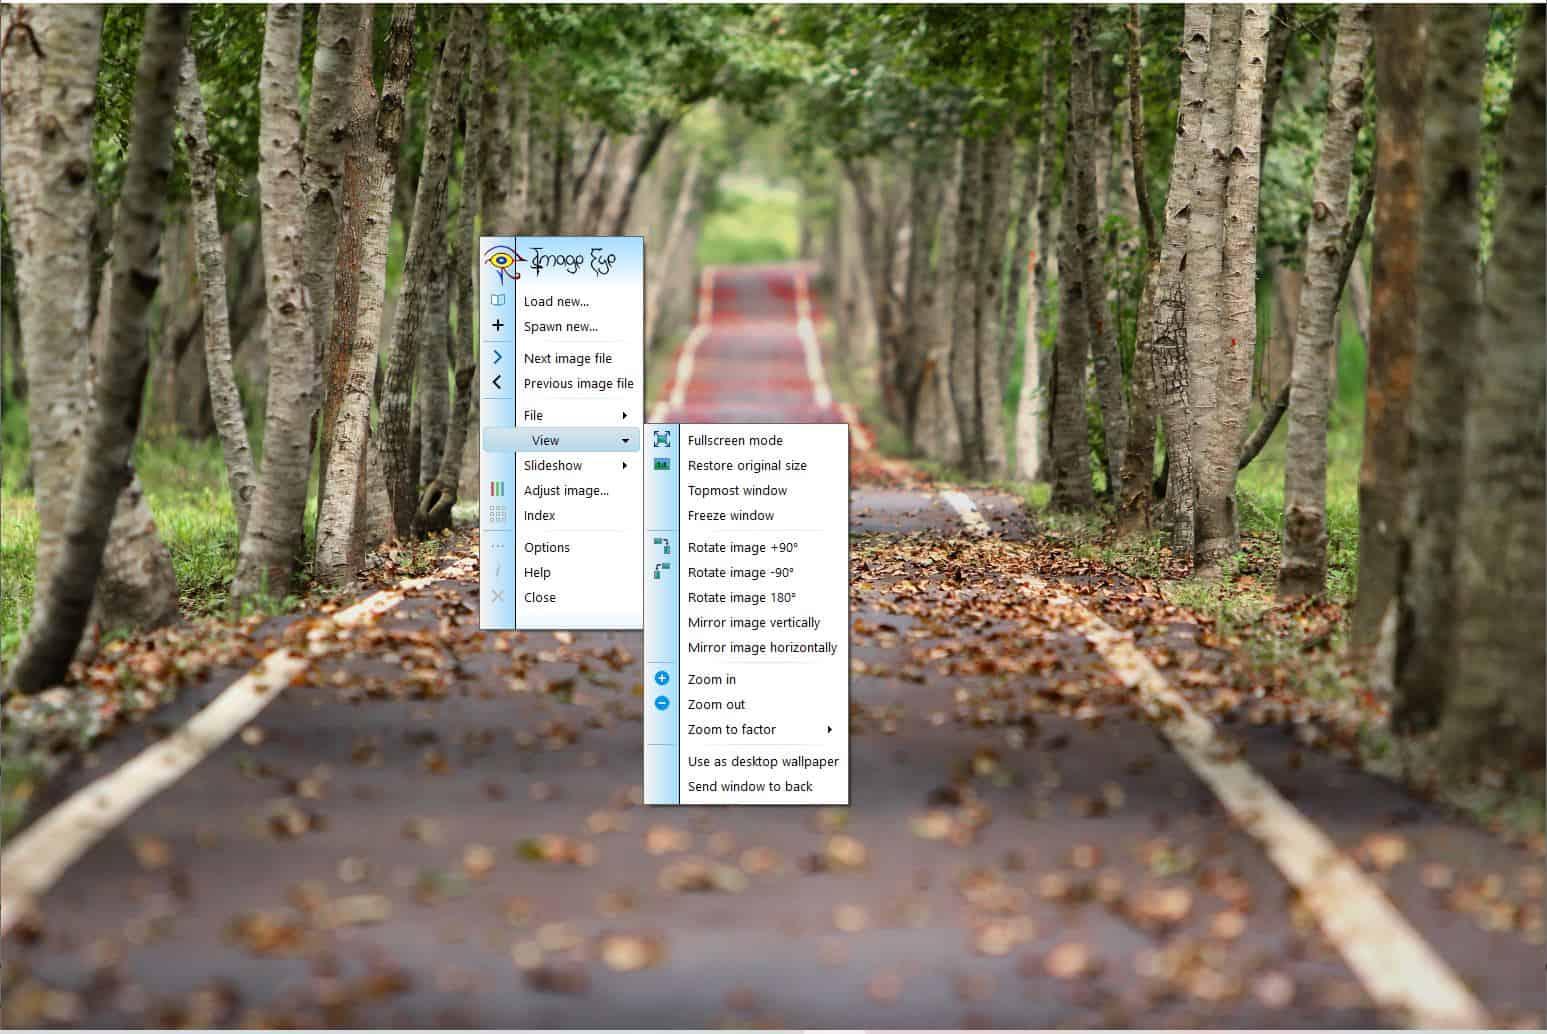 Image Eye view menu